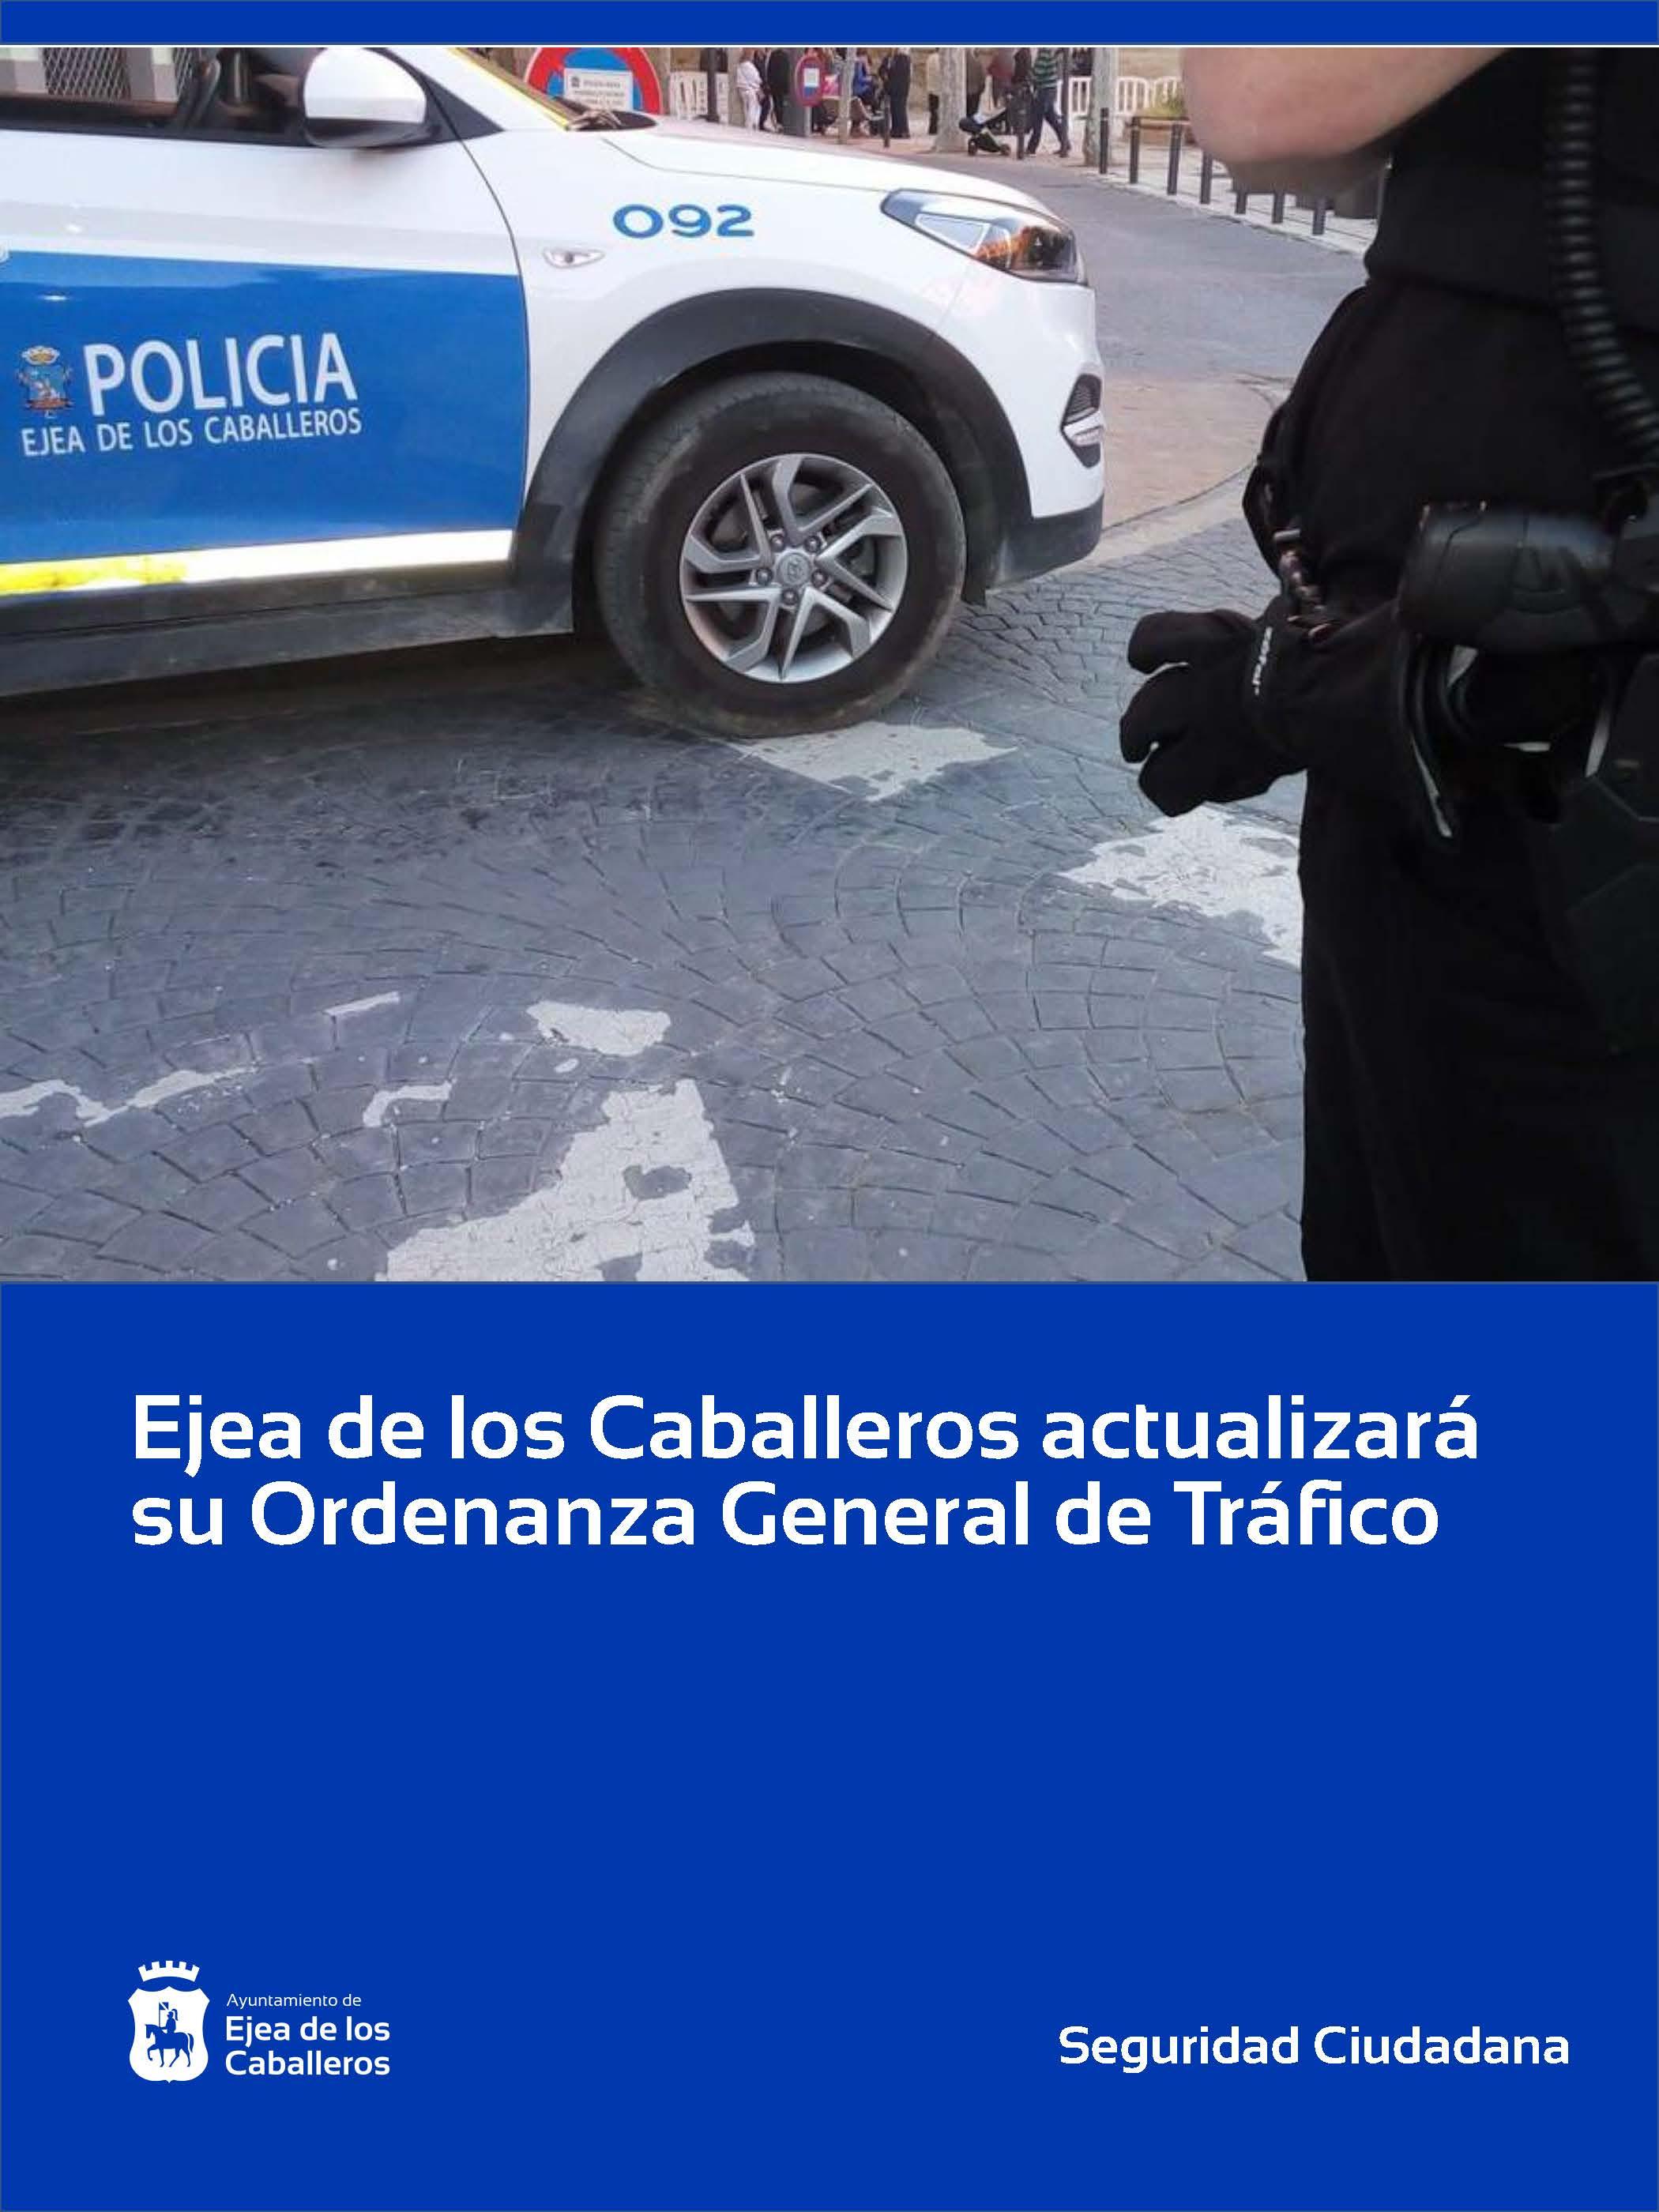 En este momento estás viendo El Ayuntamiento de Ejea de los Caballeros actualizará su ordenanza general de tráfico